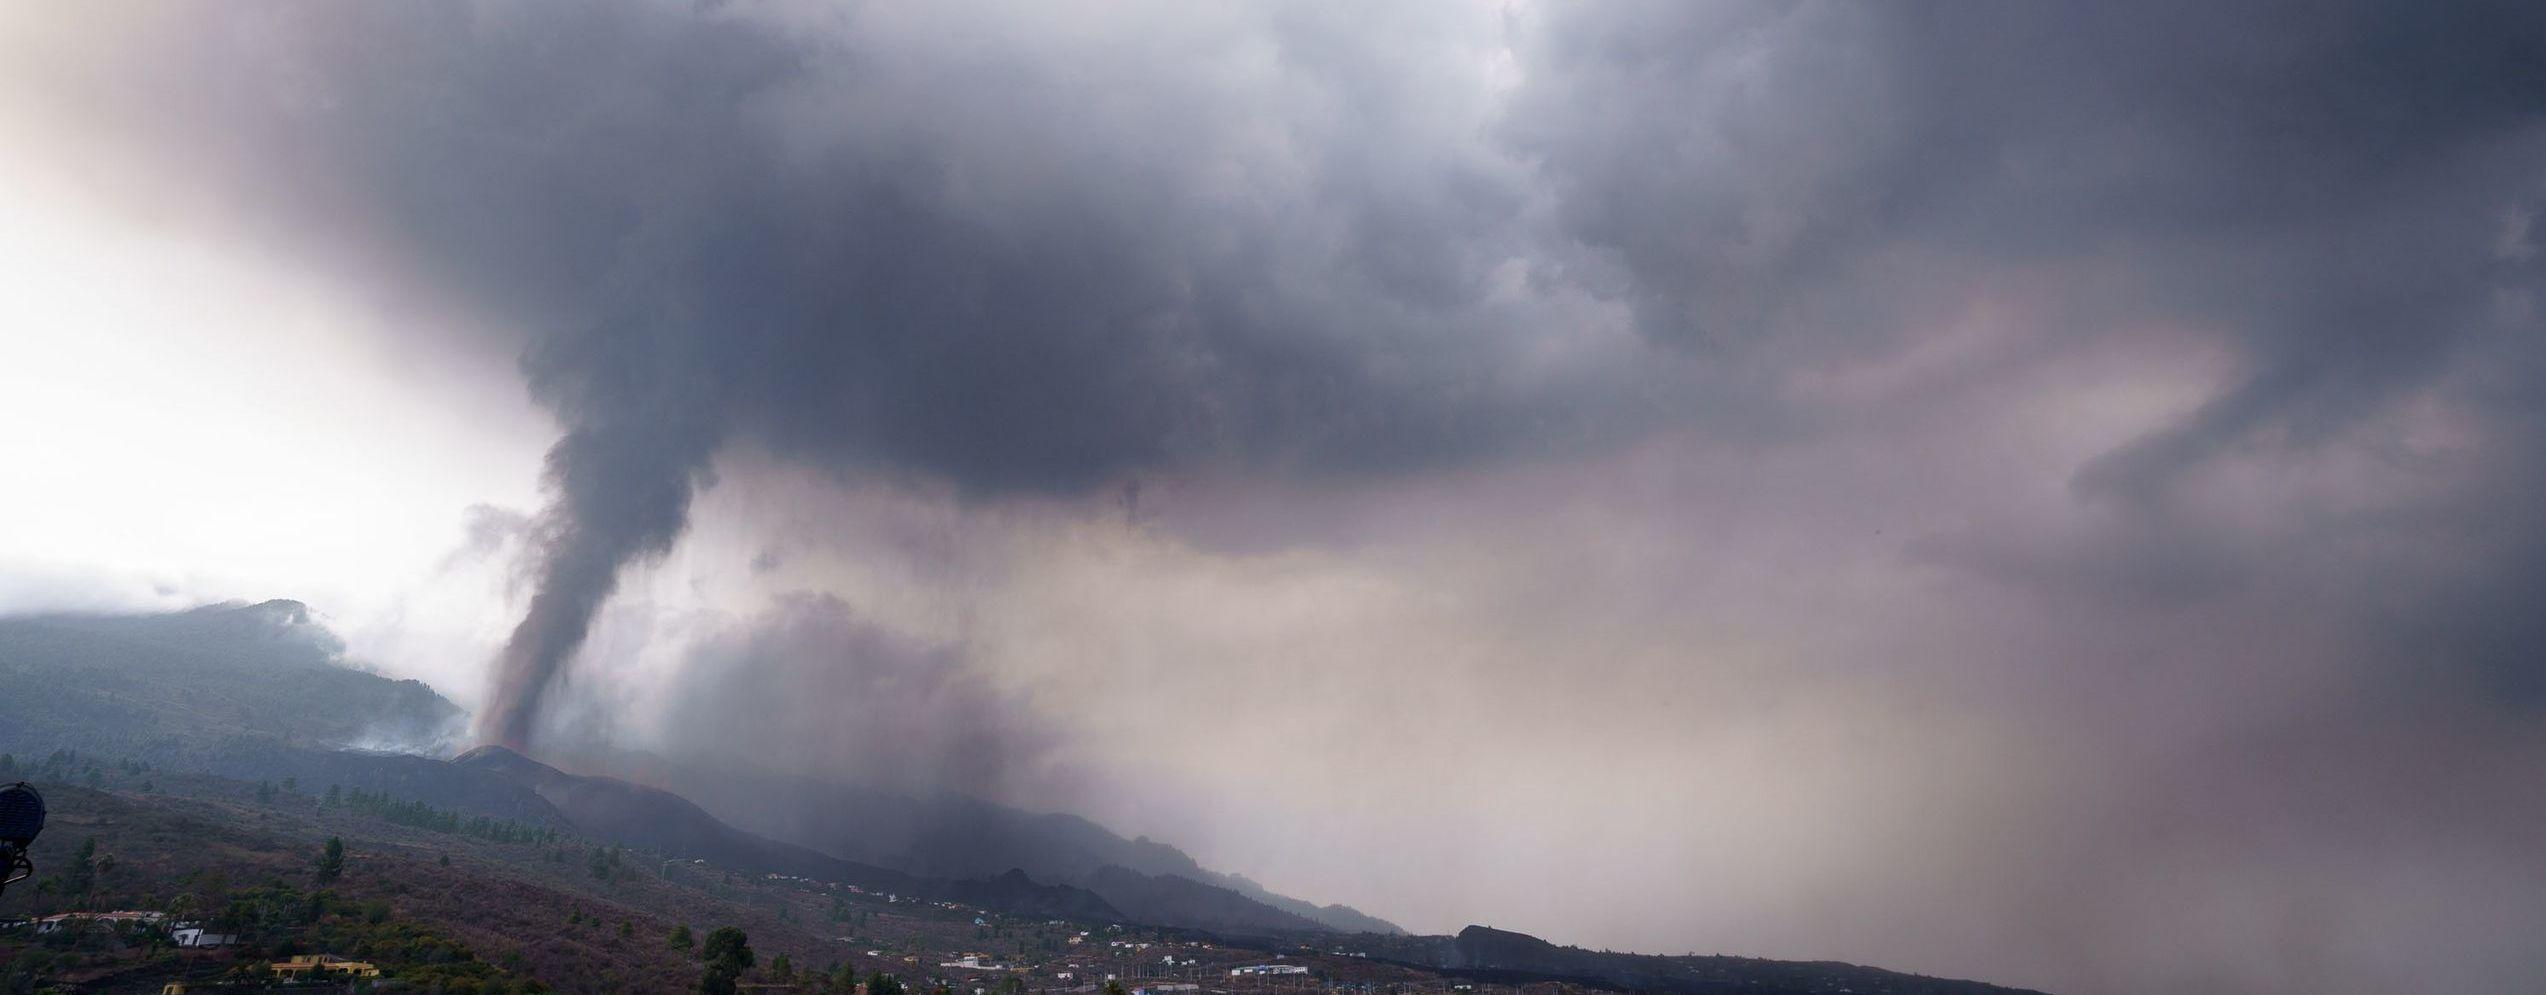 """Los riesgos del dióxido de azufre: """"Una exposición prolongada puede provocar la muerte"""""""